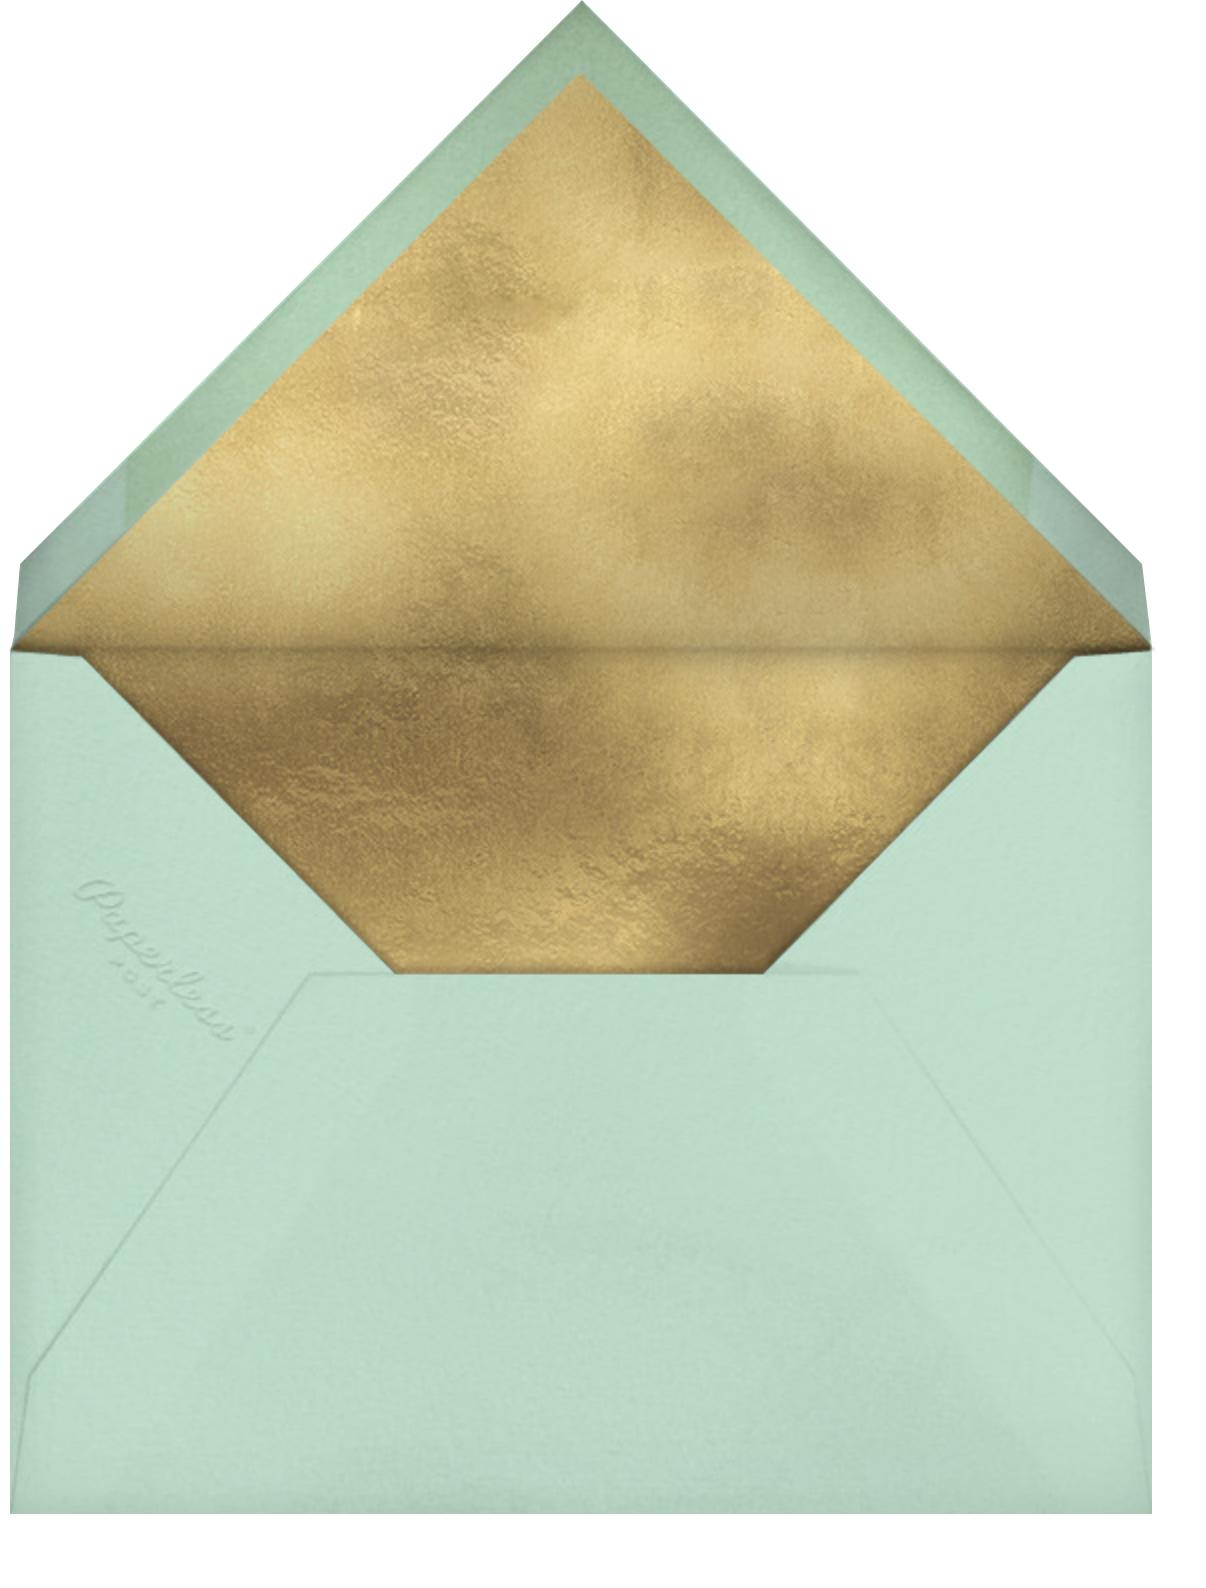 Figgin' Love (Kate Pugsley) - Red Cap Cards - Valentine's Day - envelope back